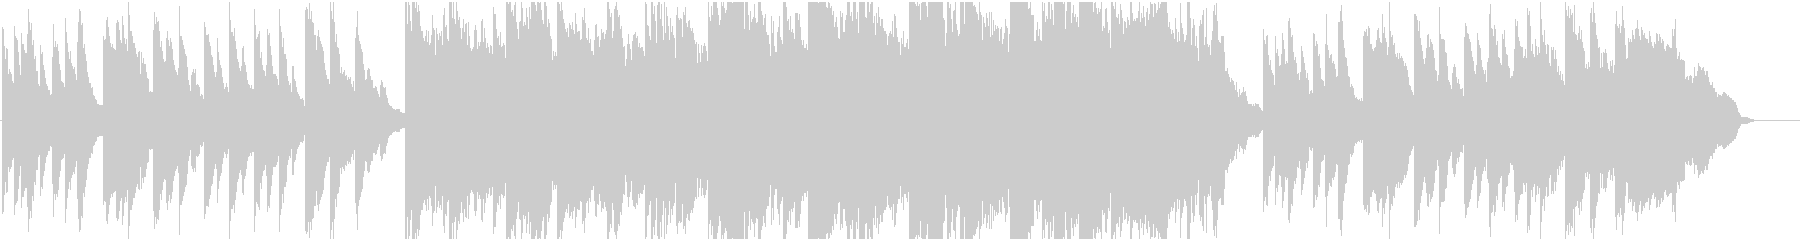 ドラマ4 16bit44kHzVerの未再生の波形